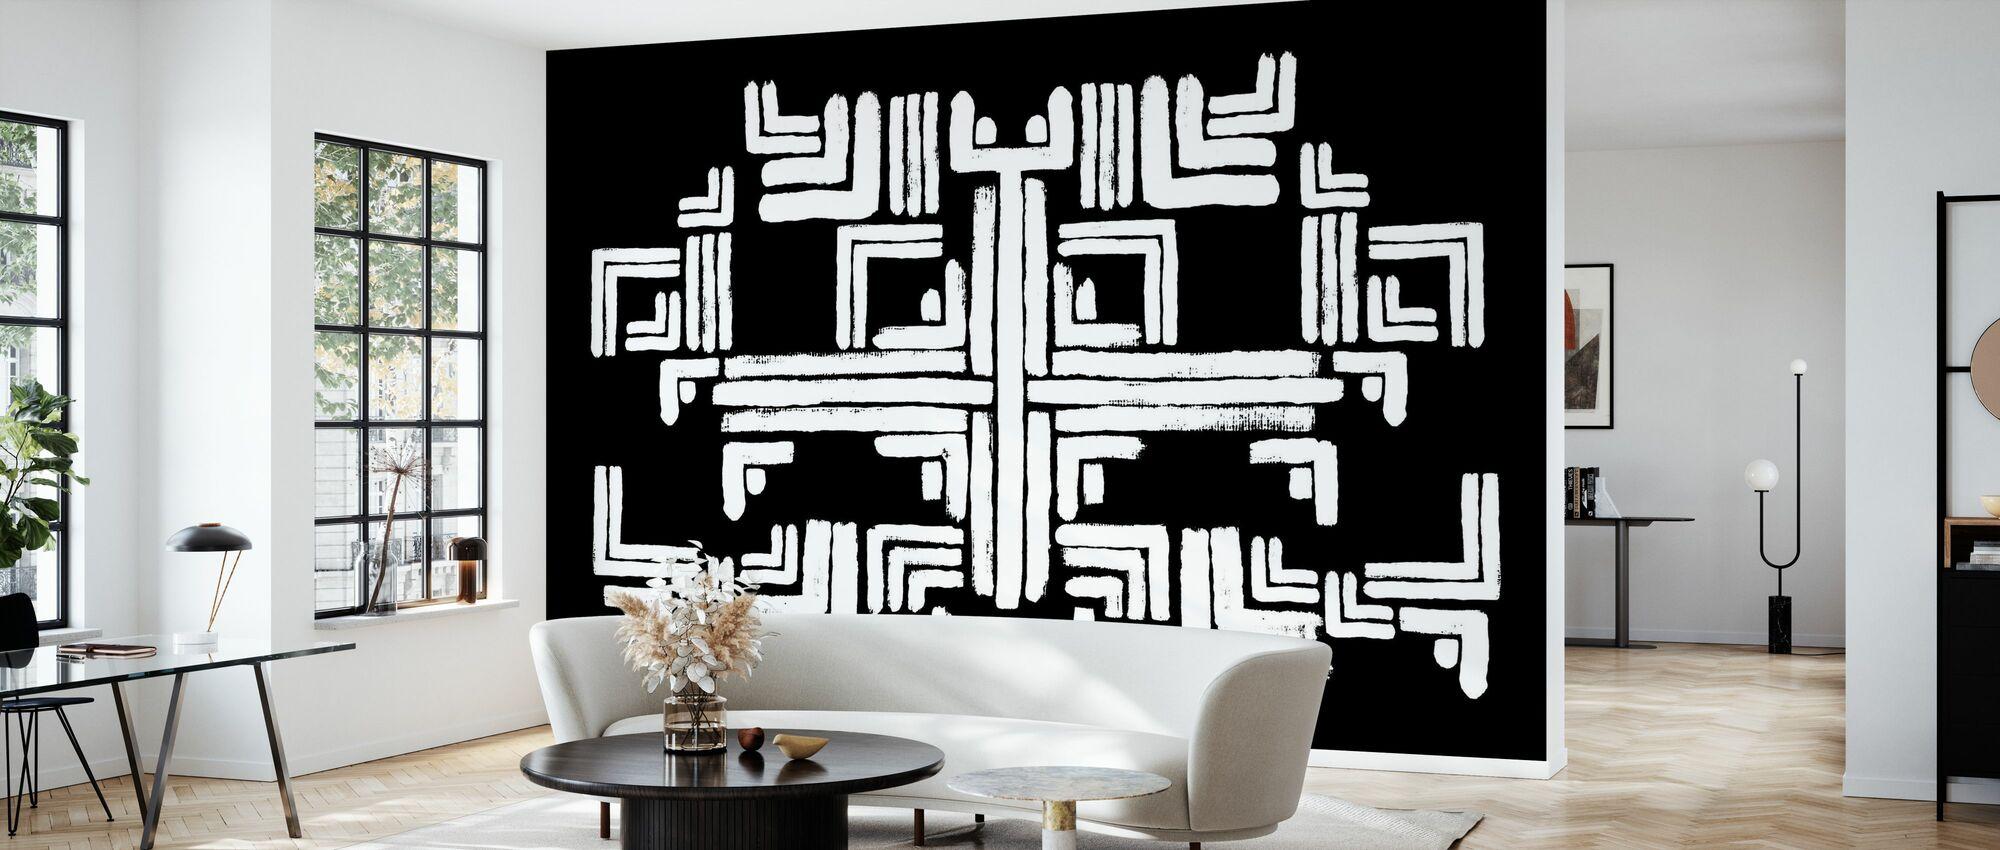 Tribe Black White - Wallpaper - Living Room